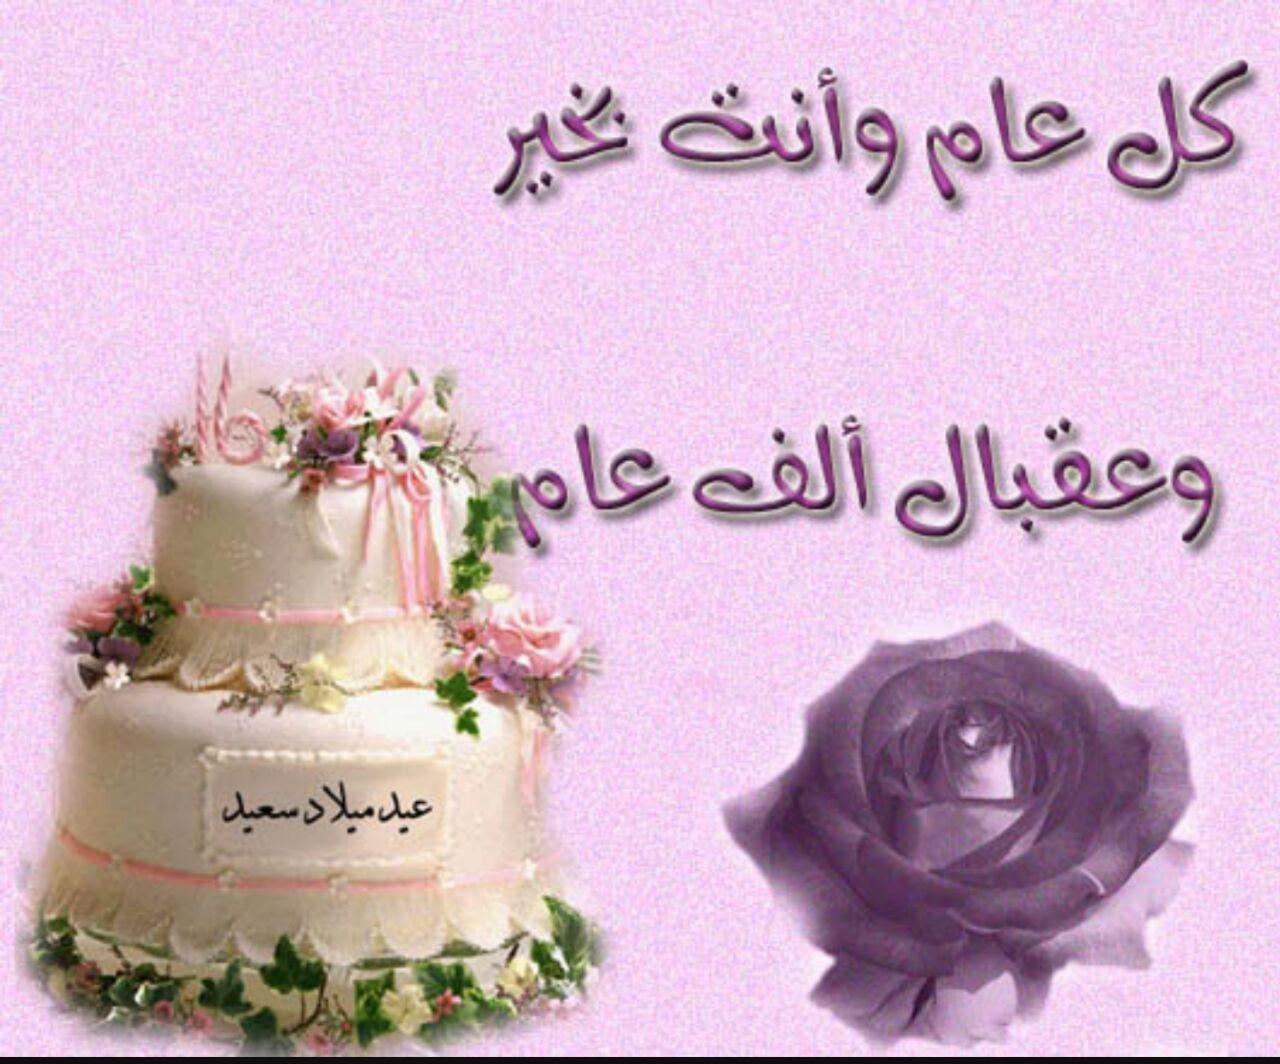 بالصور كلمات لعيد ميلاد حبيبي فيس بوك , ارق الكلمات لعيد ميلاد حبيبى على الفيس بوك 3552 5